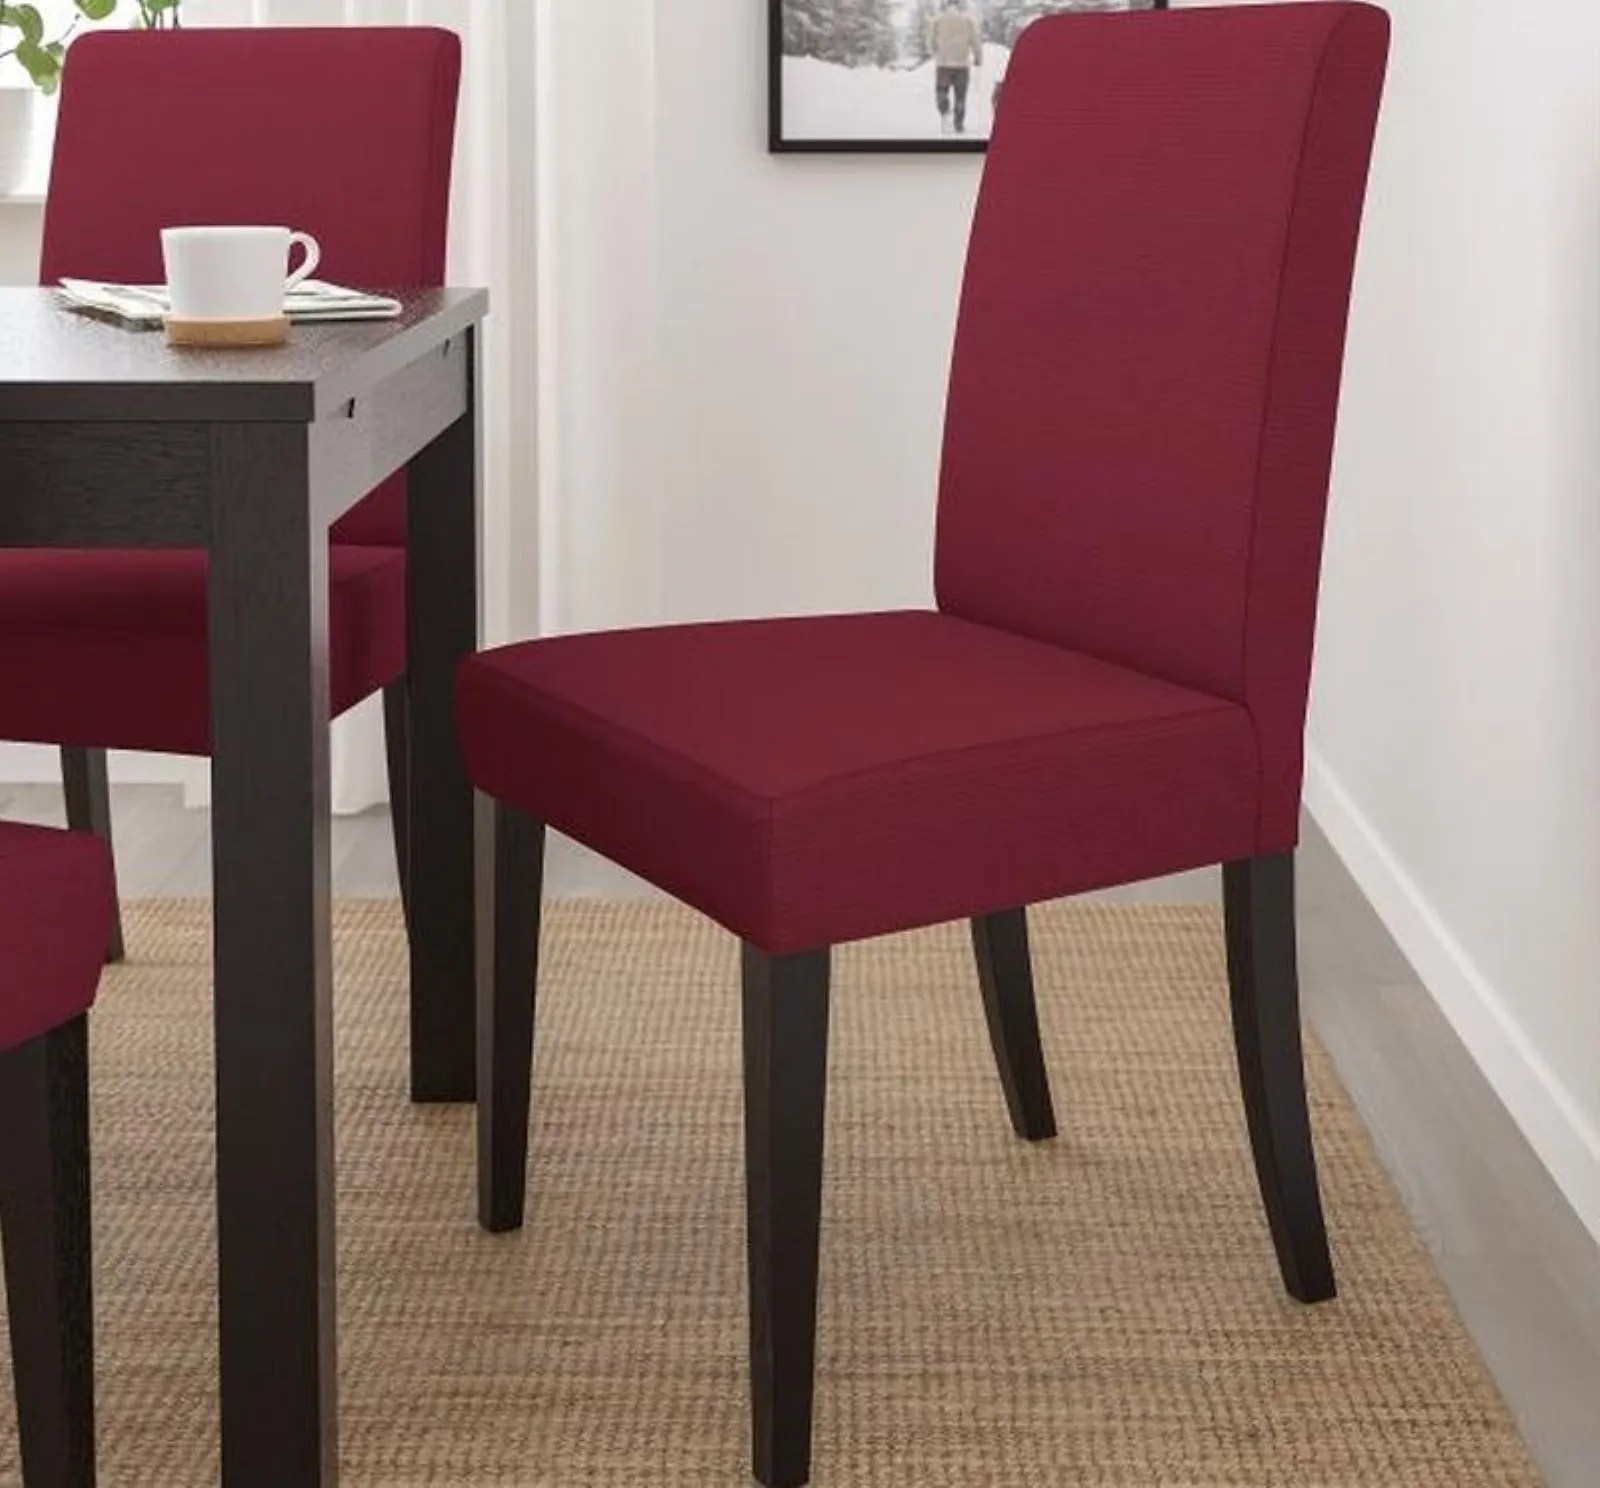 Ikea sedie cucina in vendita in arredamento e casalinghi: Sedie Ikea